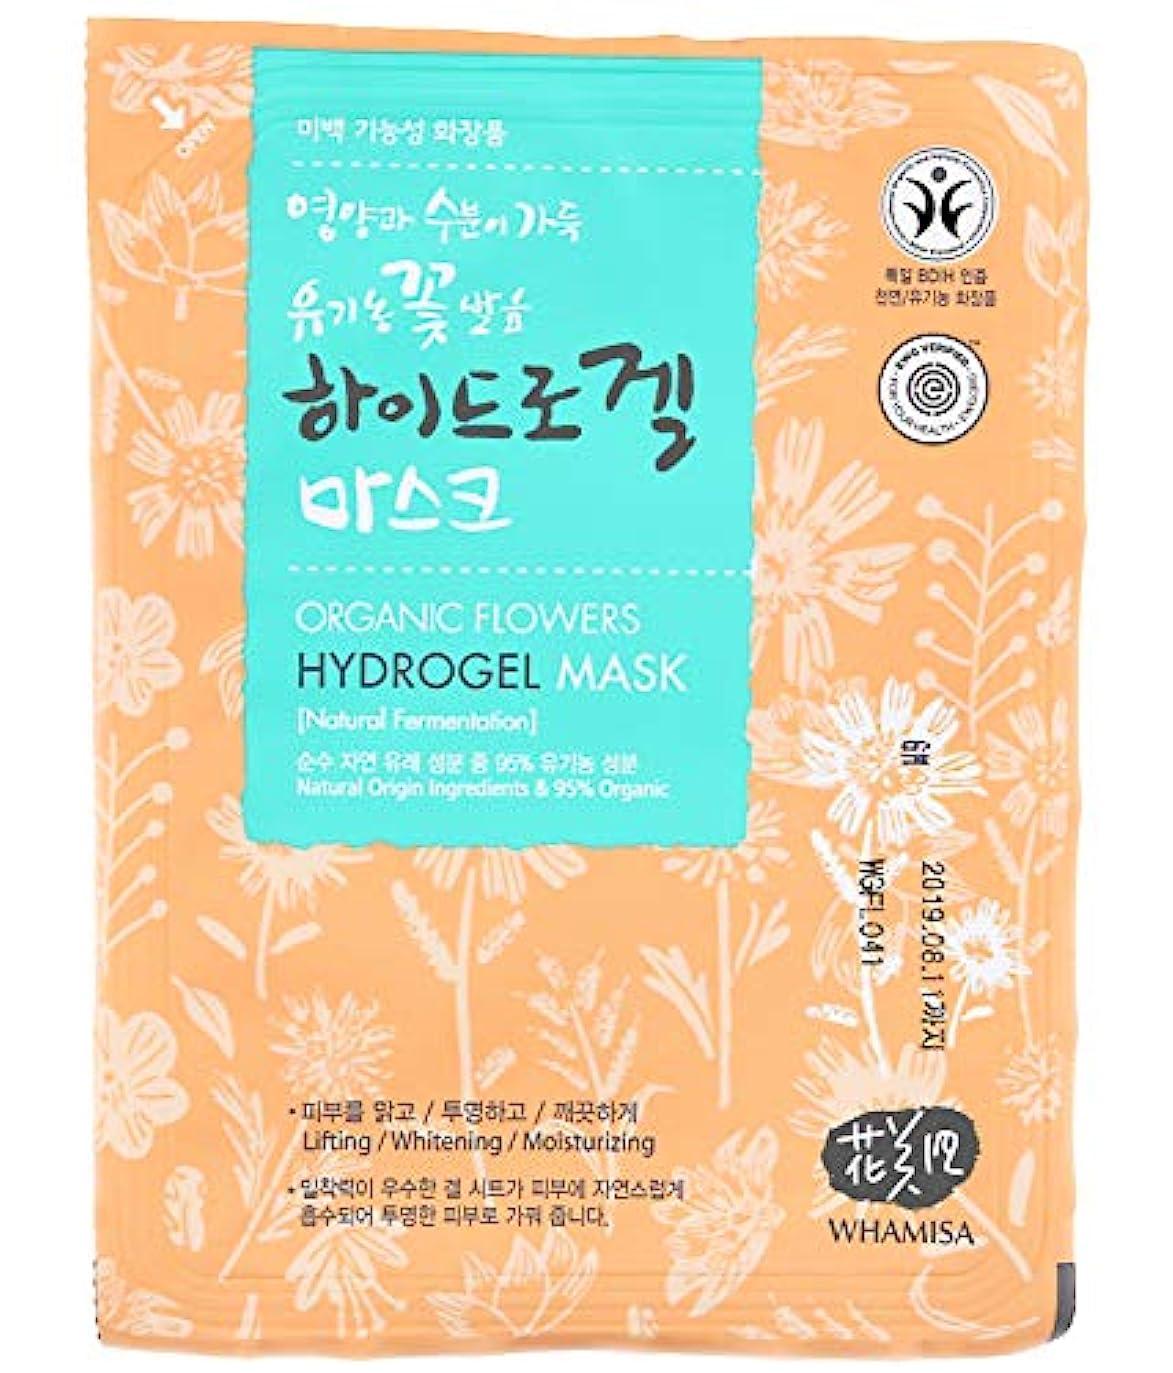 危機堂々たる注釈を付けるWhamisa あなたの健康のためにオーガニックフェイシャルマスク33グラム×1(花&アロエ発酵ヒドロゲル)/ EWG確認済み(TM)